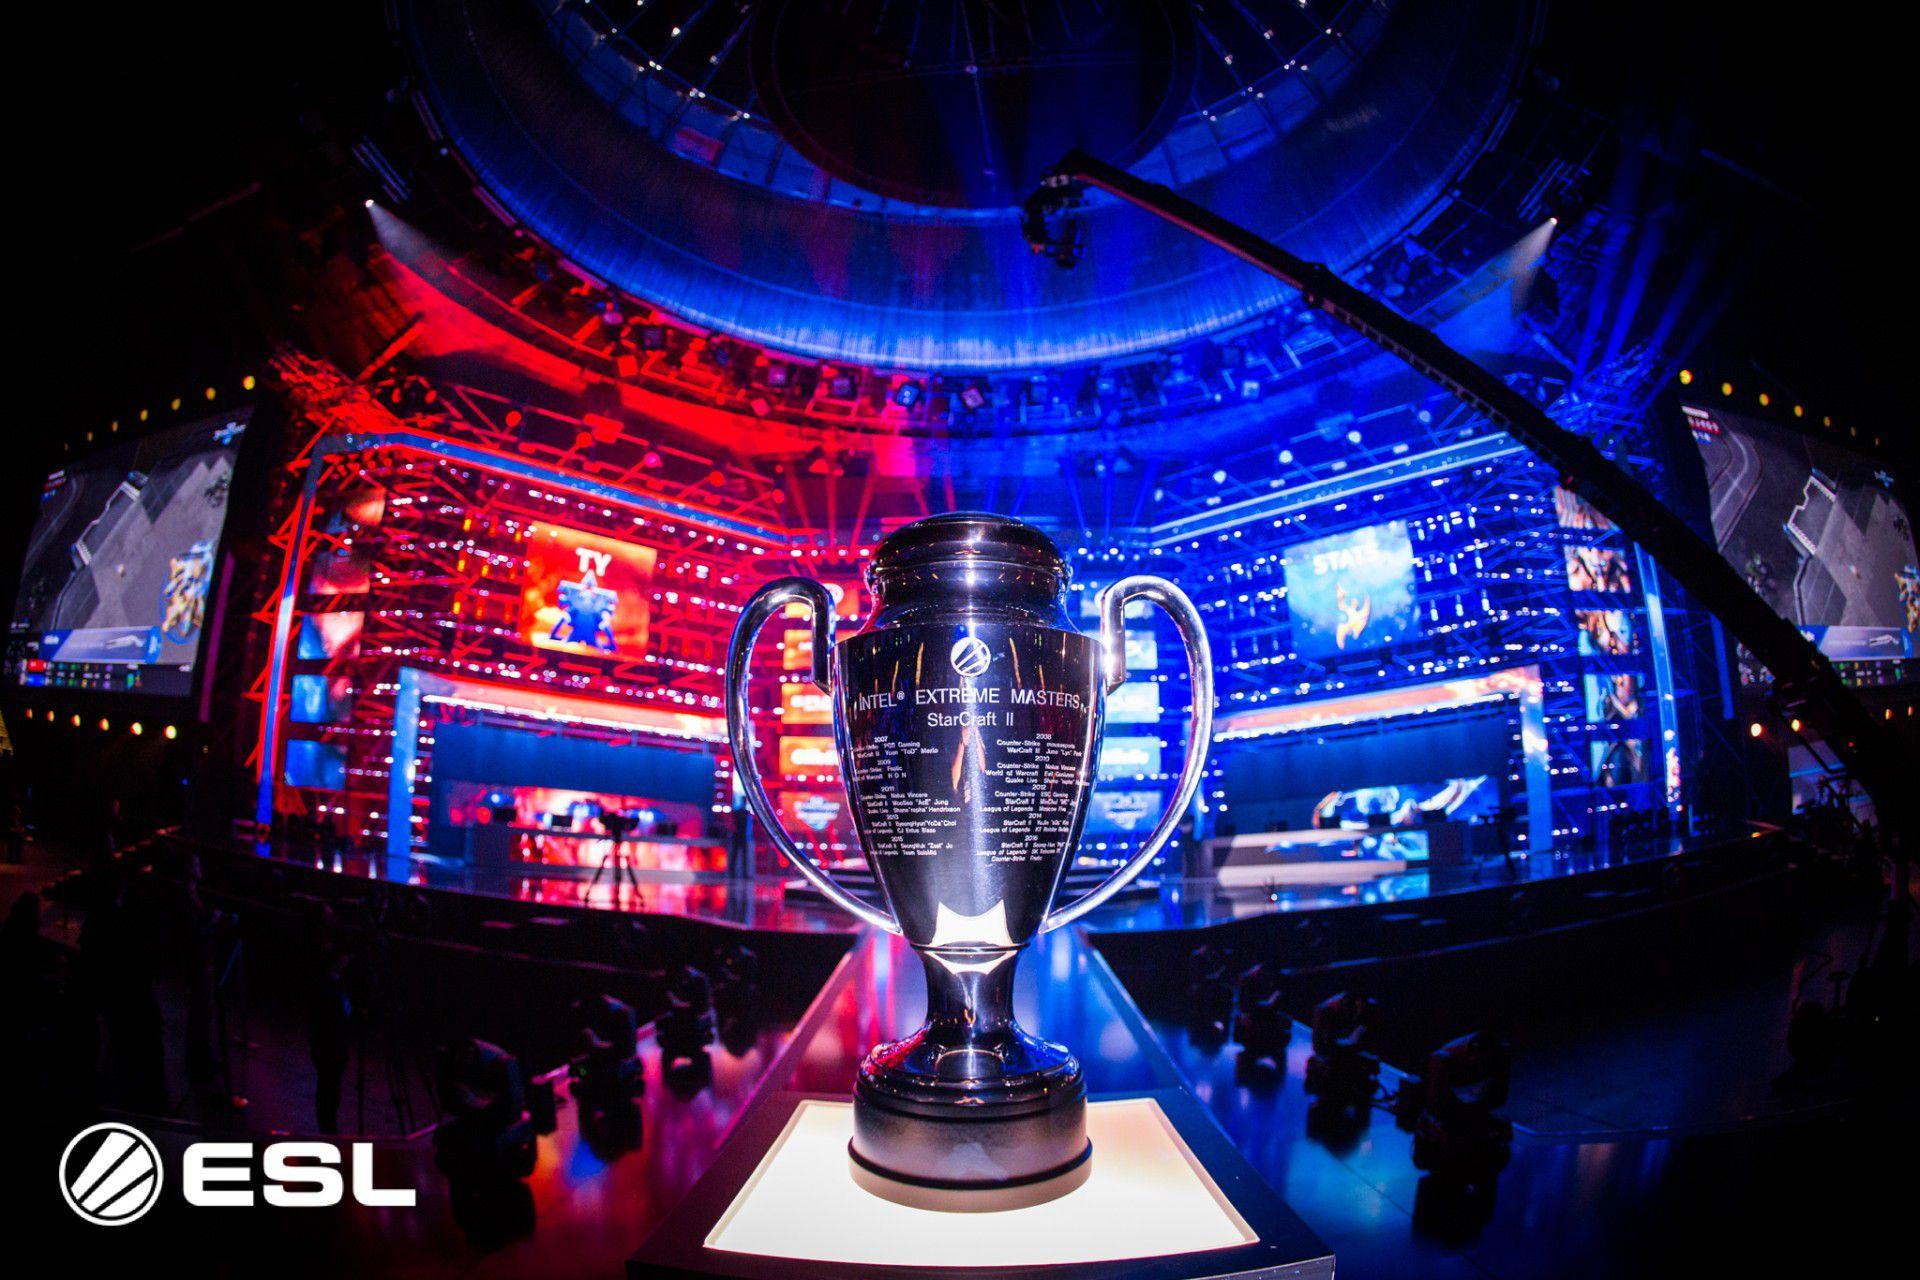 Gli Esports in diretta su DMAX, appuntamento con il torneo di Fortnite